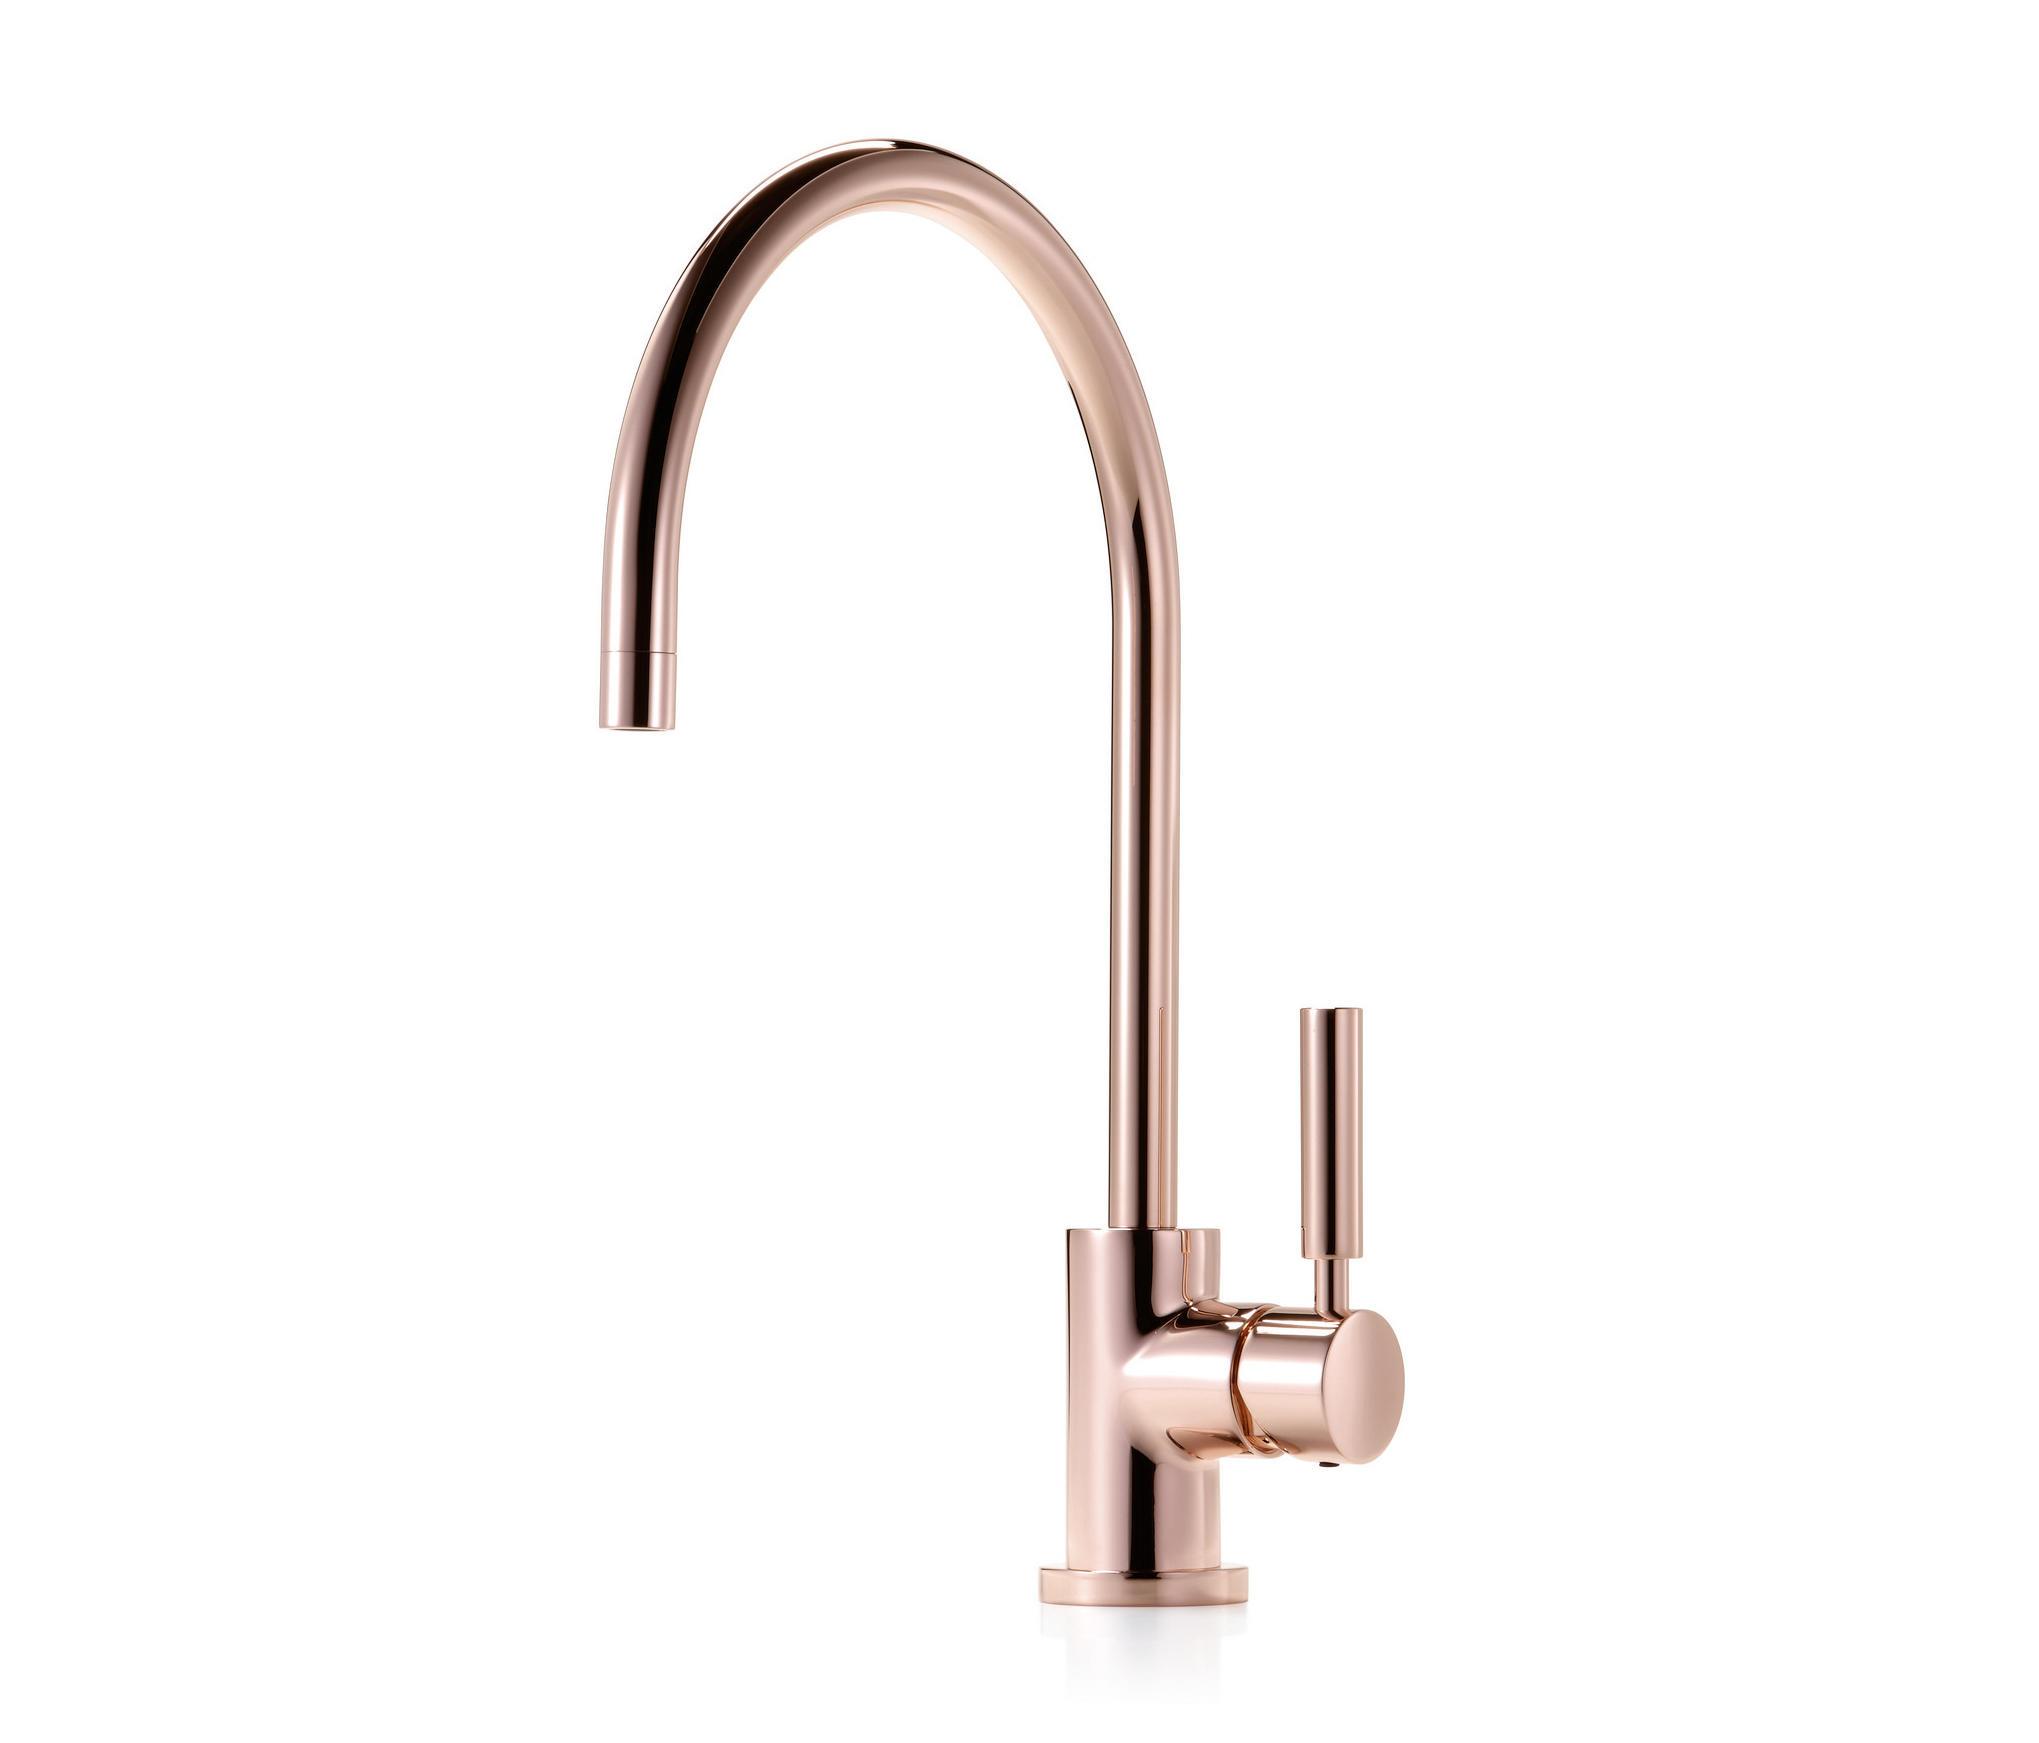 dornbracht kitchen faucets signature warehouse sale faucet reviews  wow blog